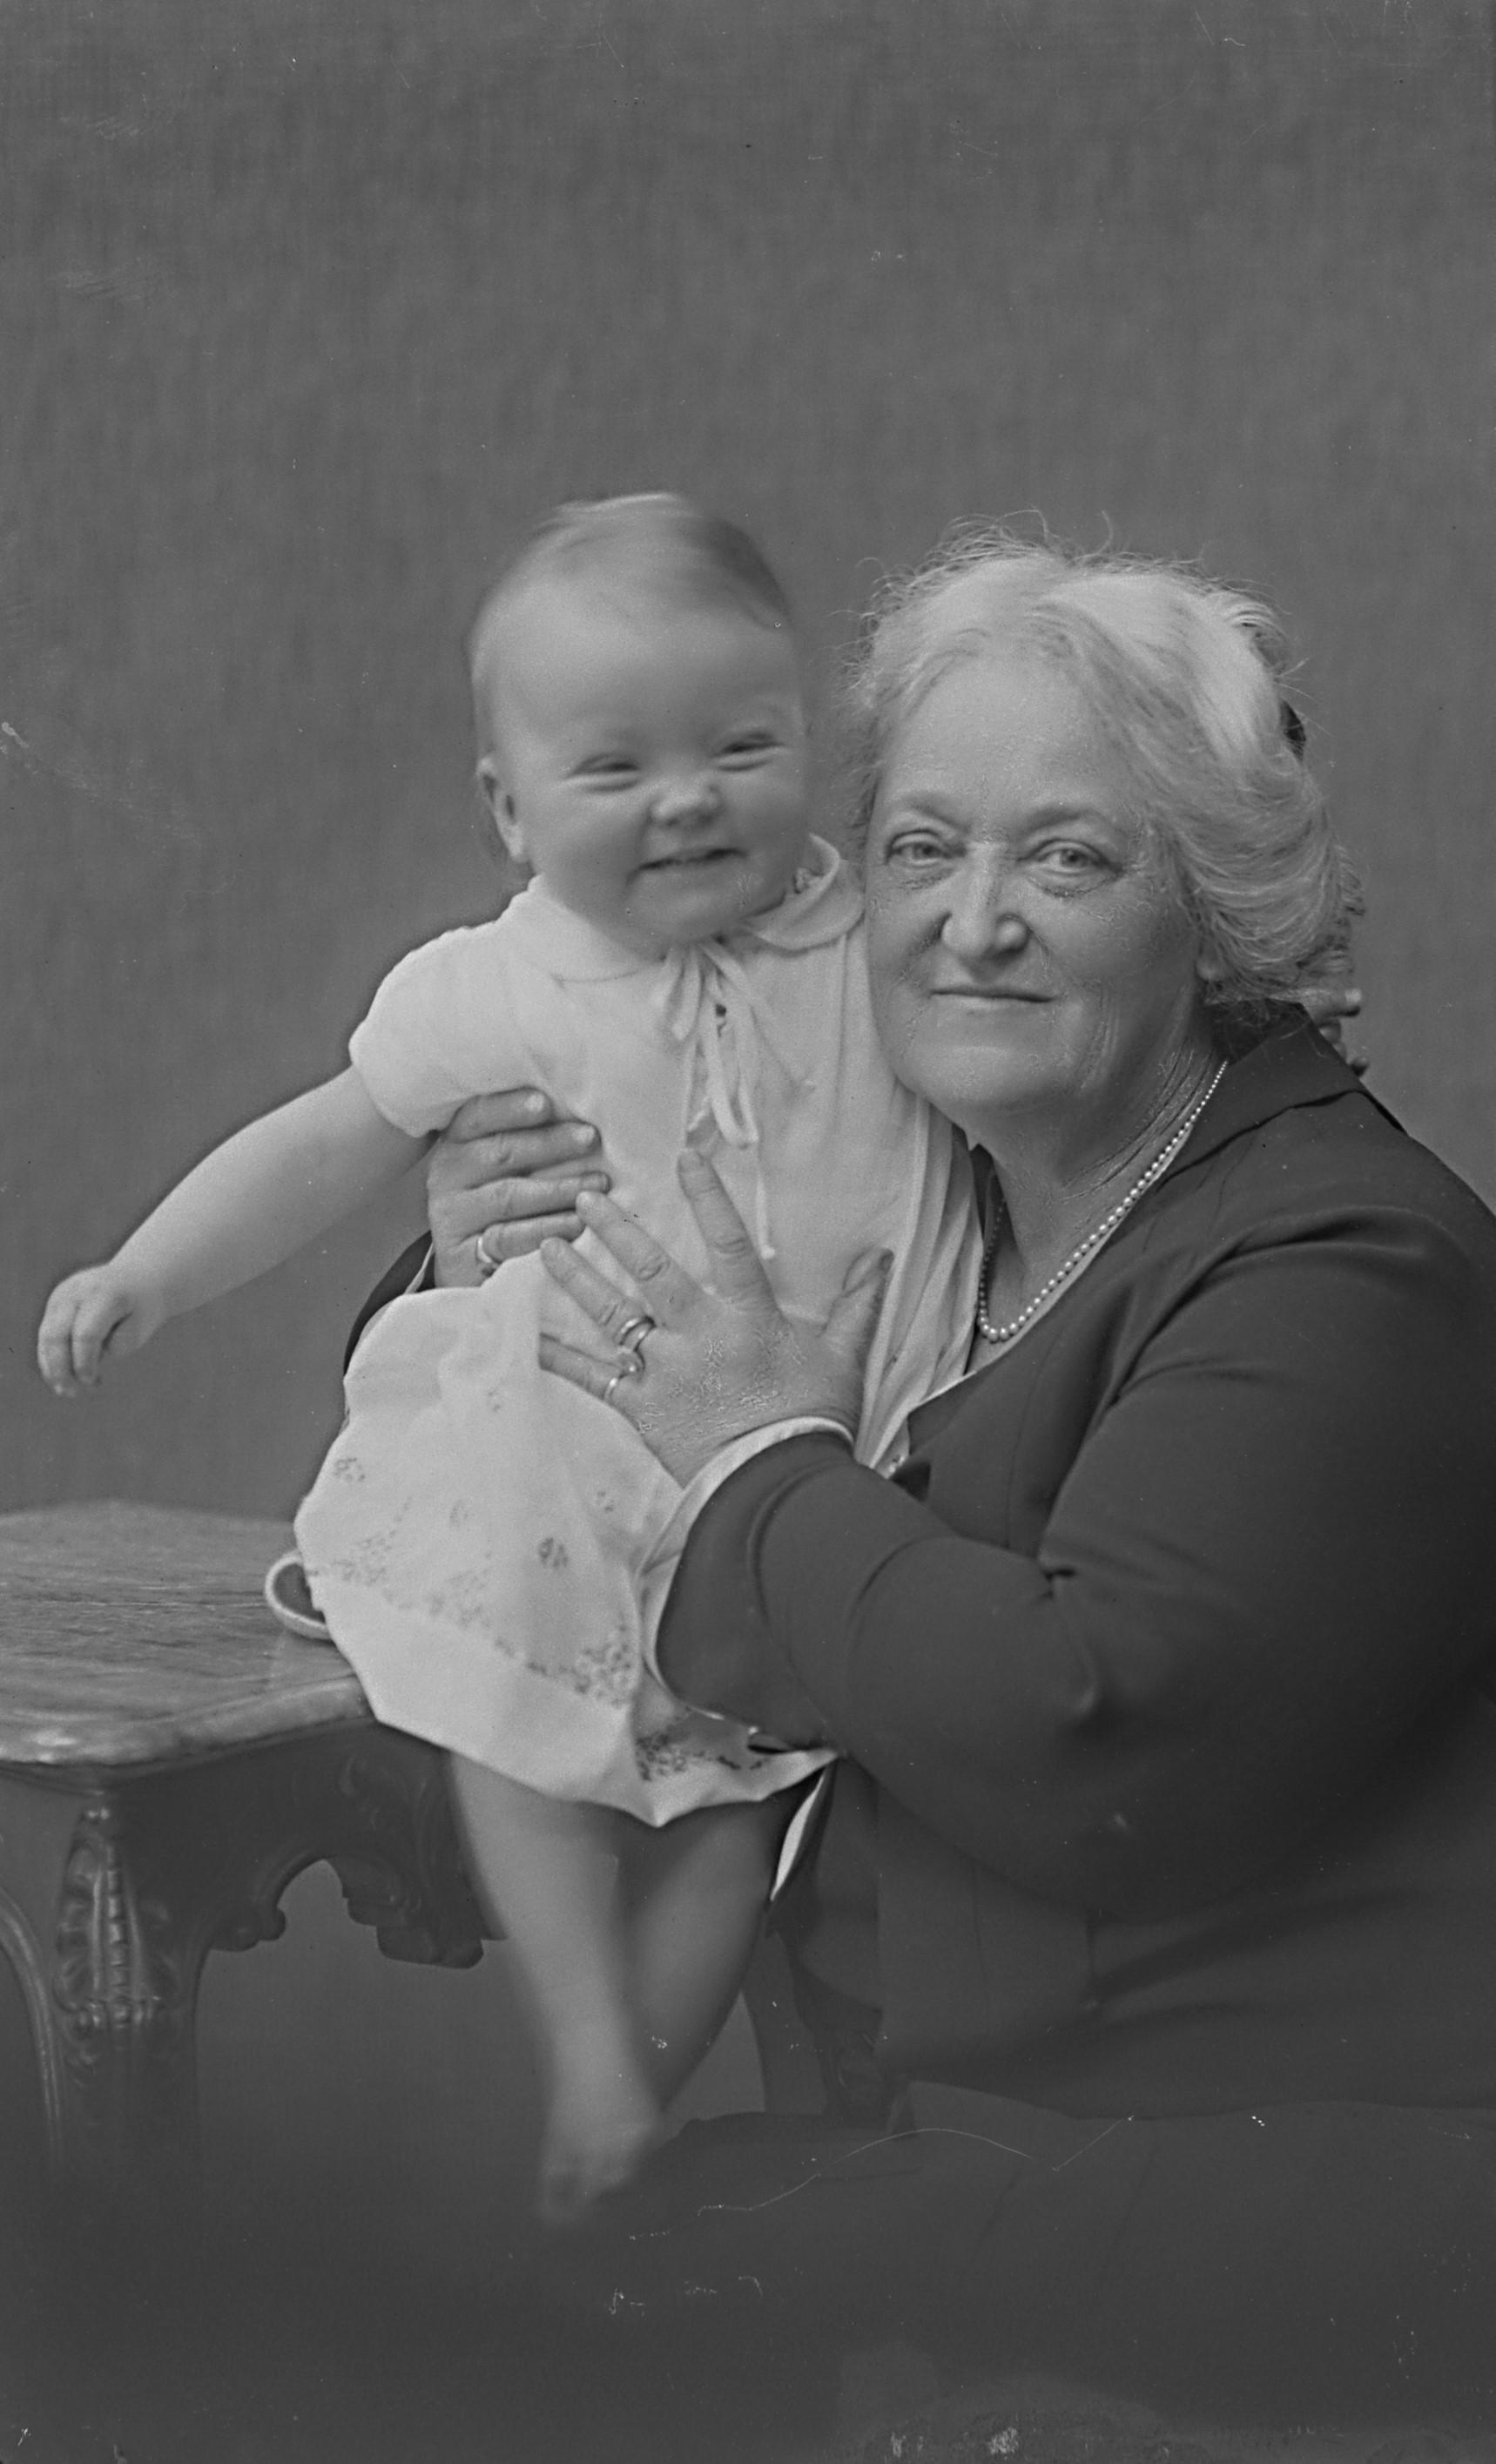 Ruth Randall Edström med barnbarnet Birgitta Lindblom (gift Hambraeus), sedermera riksdagsledamot för Centerpartiet. Foto: Ernst Blom (1877-1954). Västmanlands läns museum (Vlm-Blom P 471)